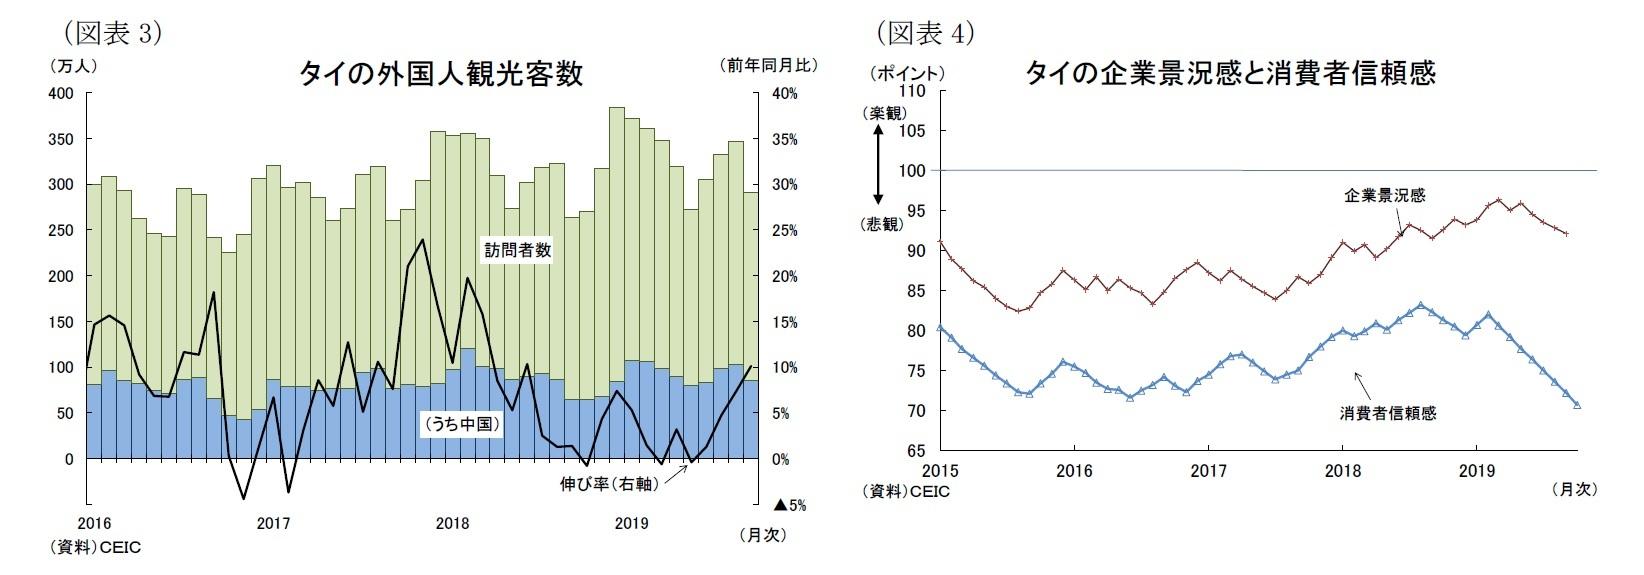 (図表3)タイの外国人観光客数/(図表4)タイの企業景況感と消費者信頼感